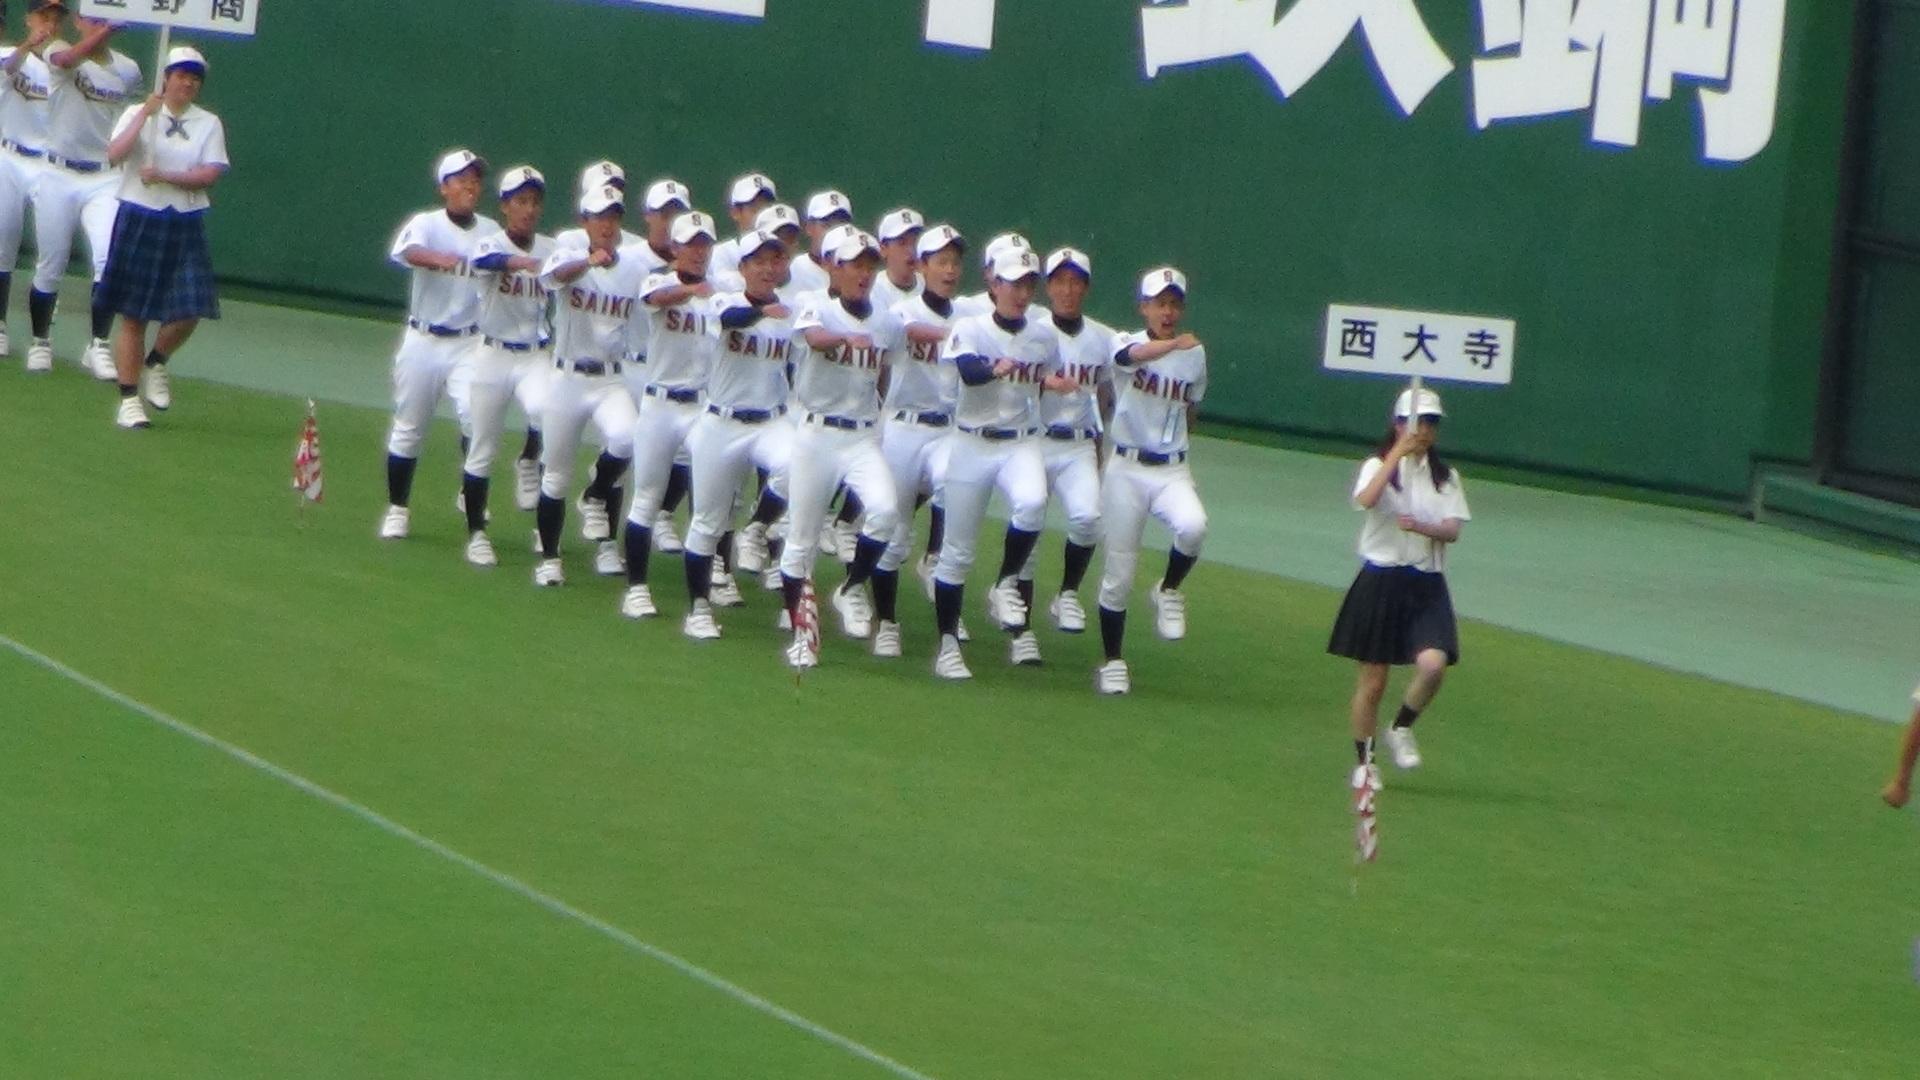 第98回 全国高校野球選手権岡山大会開会式: 西大寺高校野球部 ~父母 ...